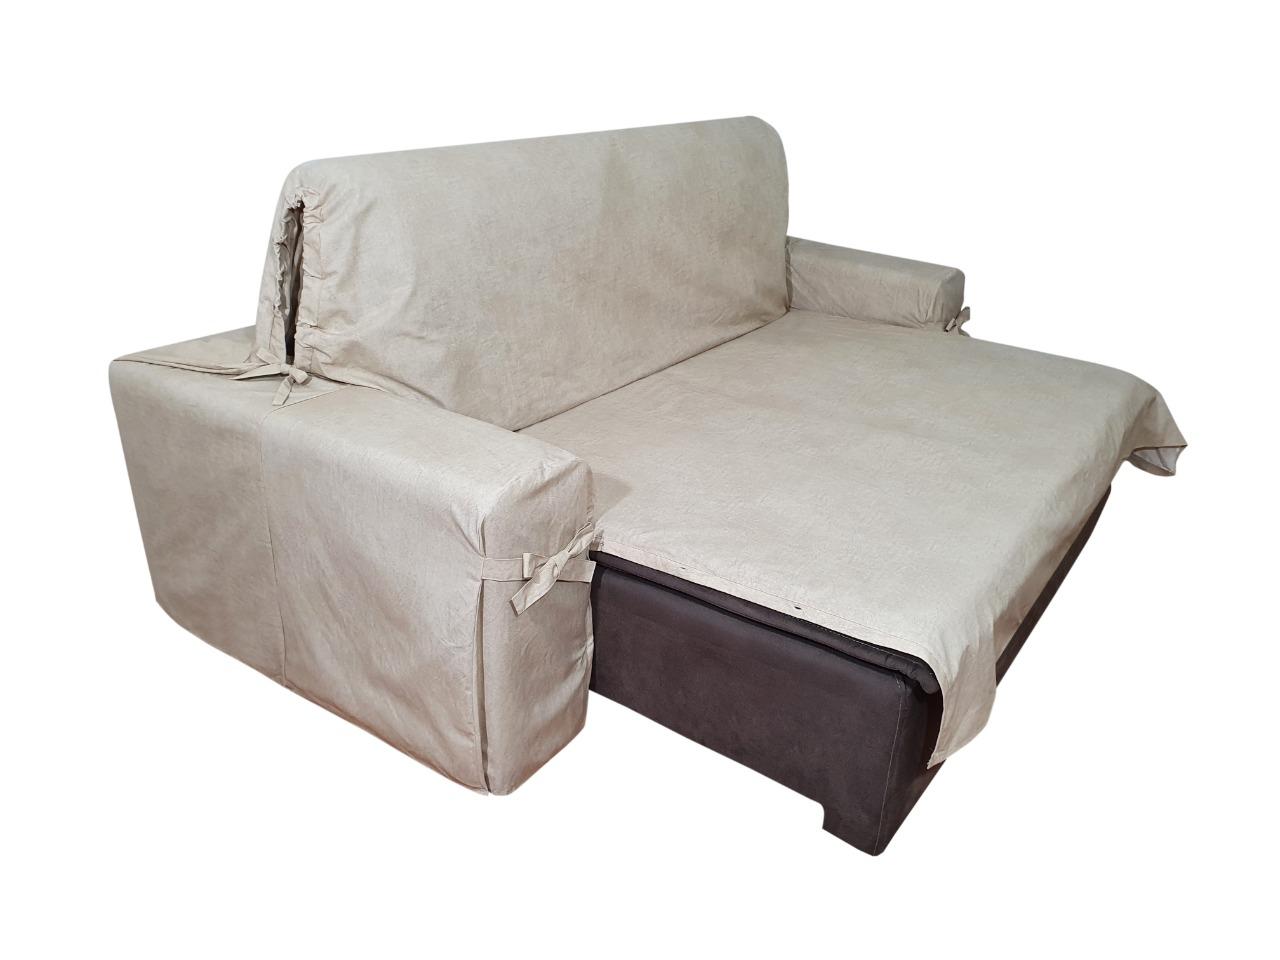 Capa p/ Sofá Retrátil e Reclinável em Acquablock Impermeável BEGE - Veste Sofás de 2,96m até 3,25m